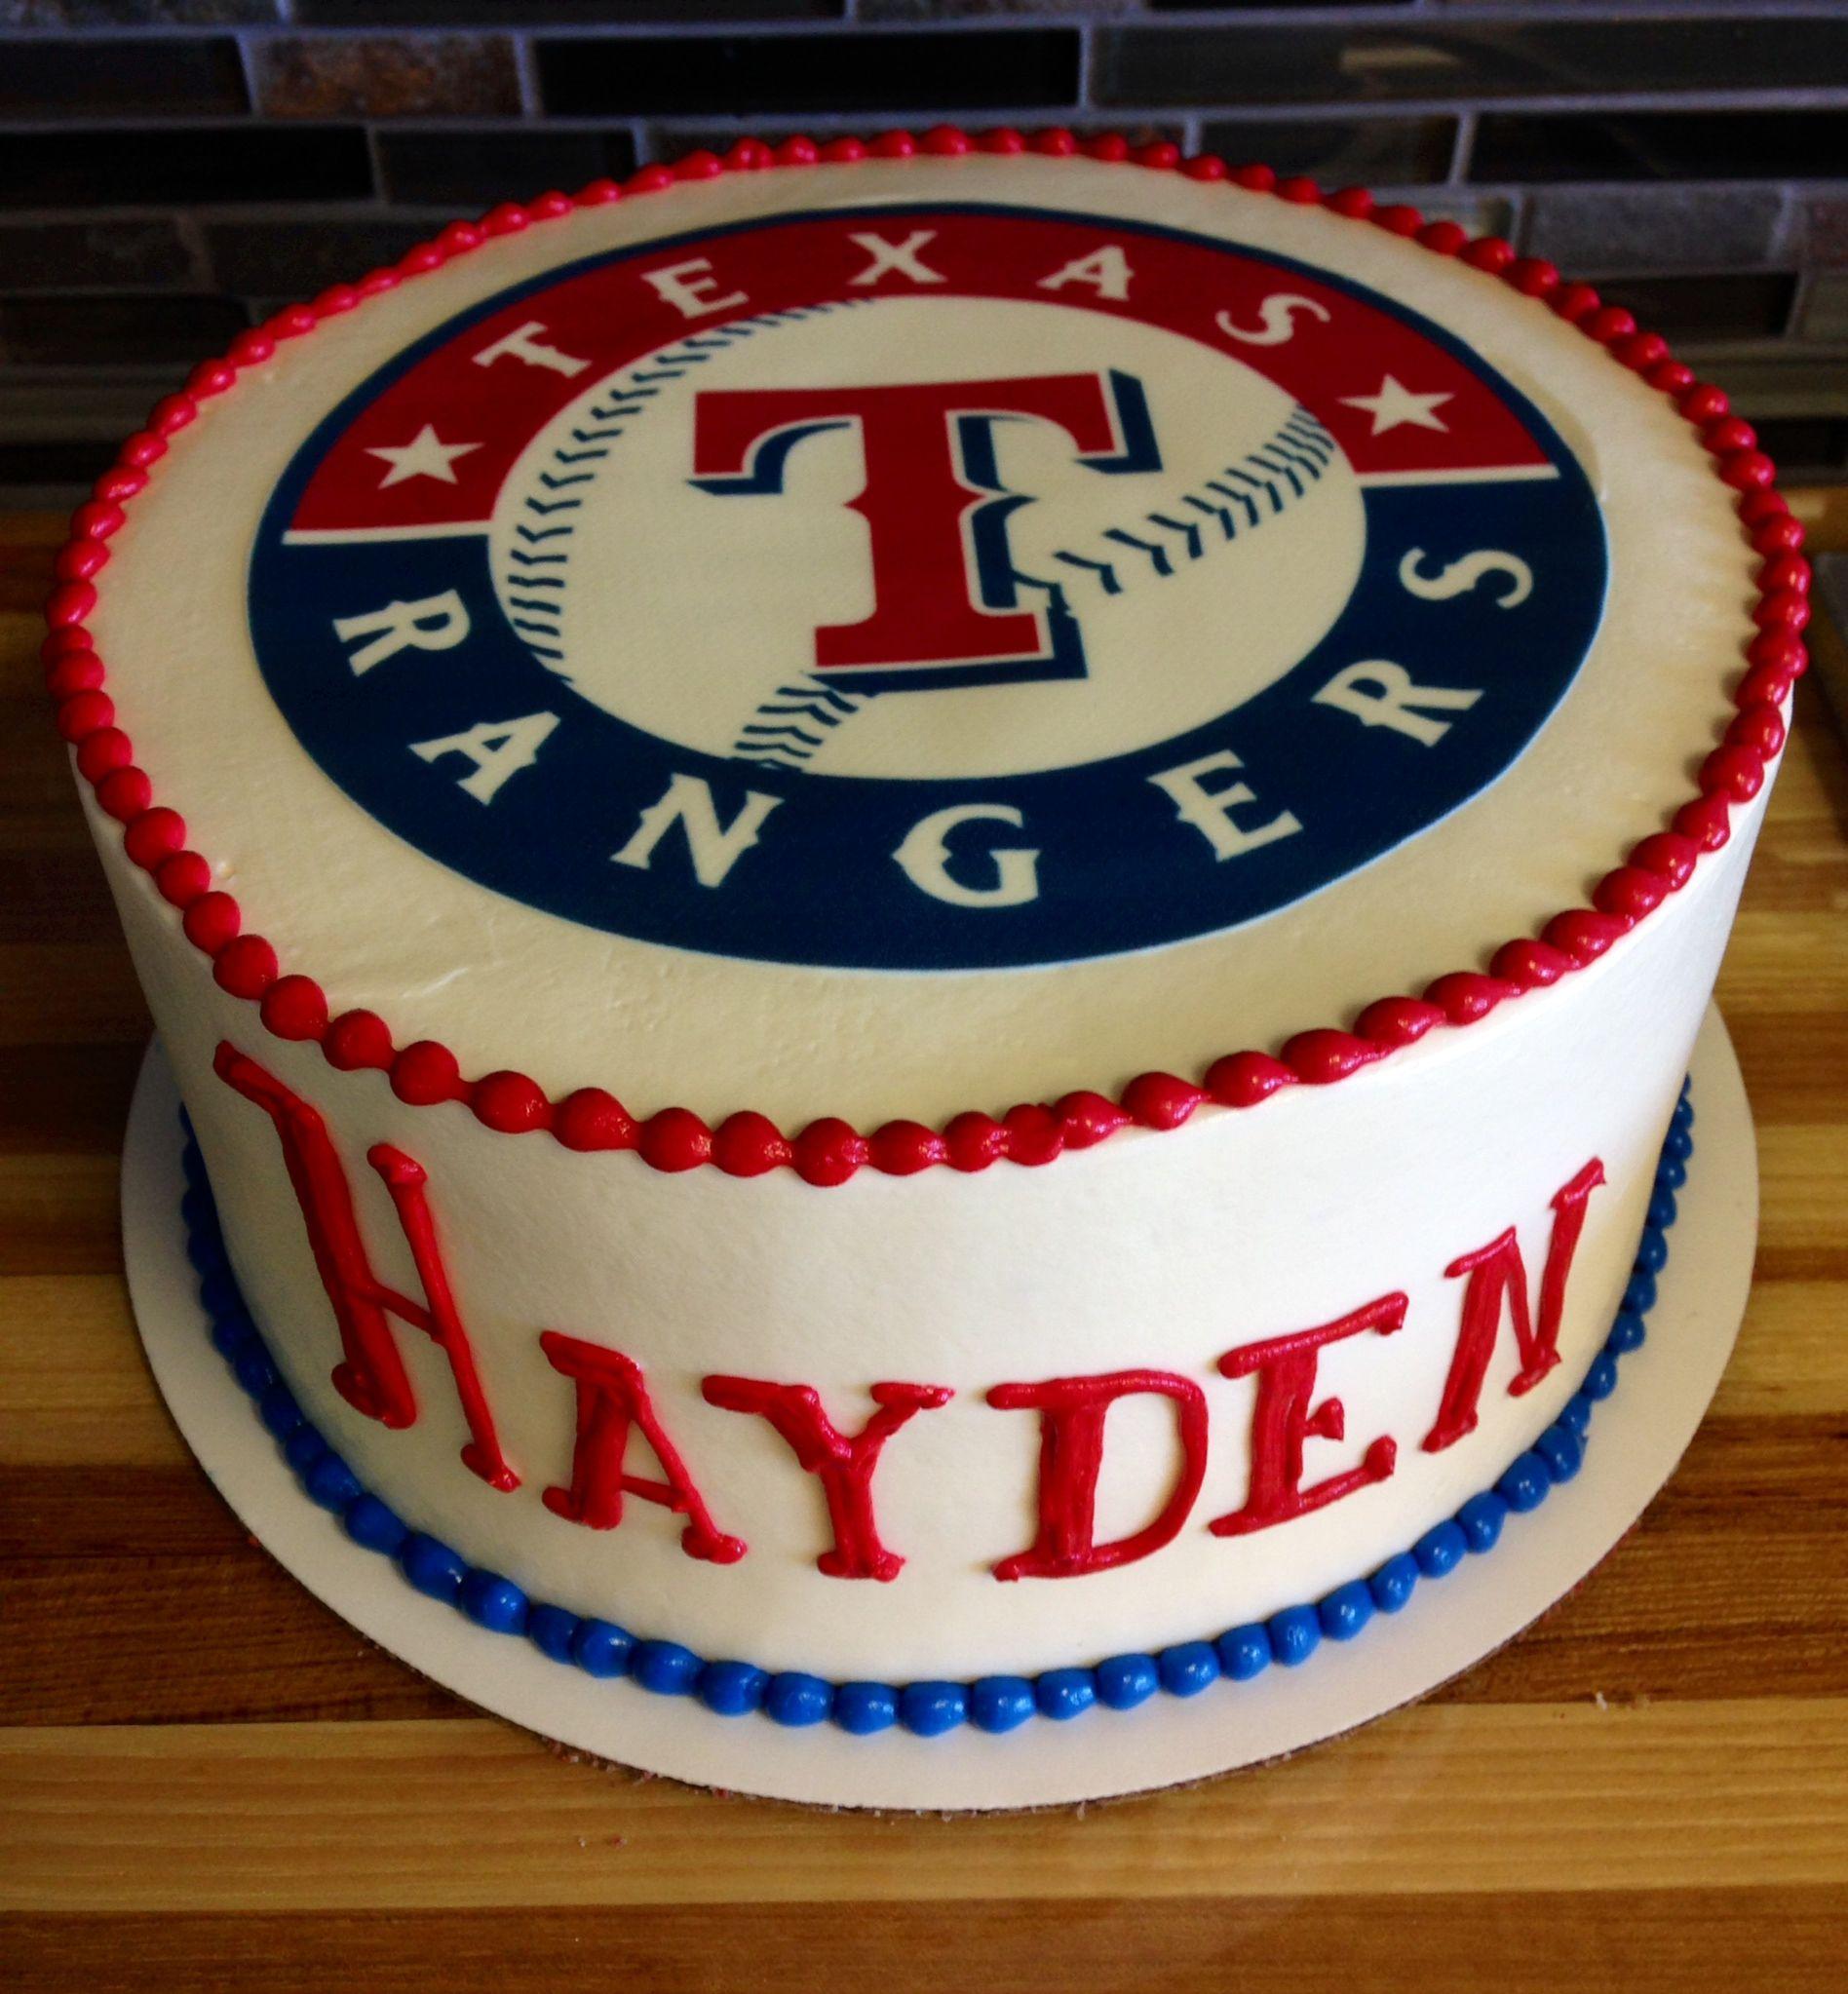 Surprising Texas Rangers Birthday Cake Baseball Birthday Party Cake Birthday Personalised Birthday Cards Veneteletsinfo